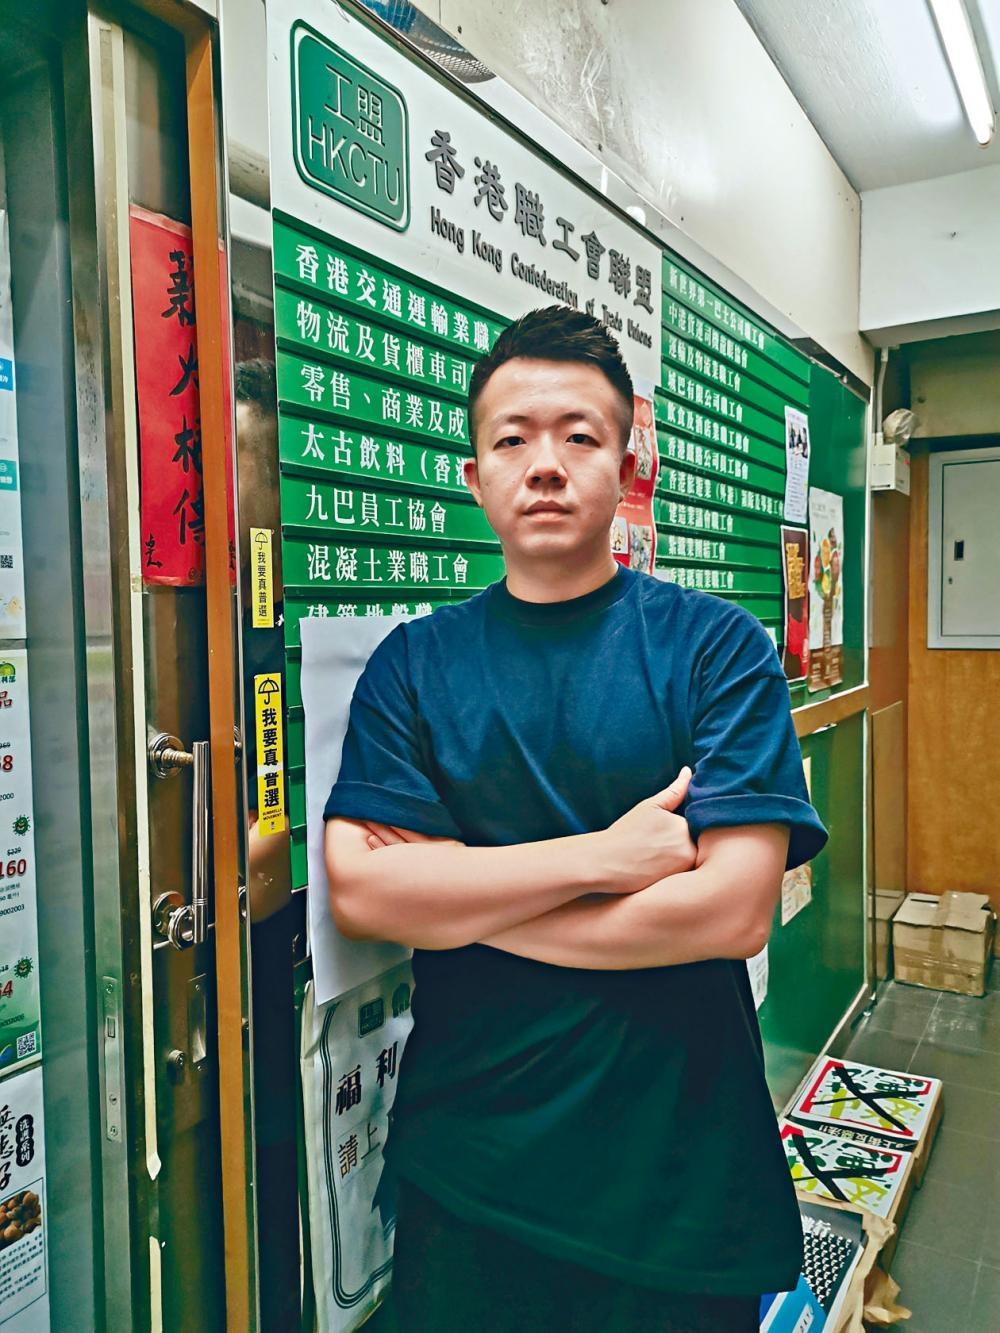 洪俊毅表示,碼頭工人與其他勞動行業相比待遇明顯較差。